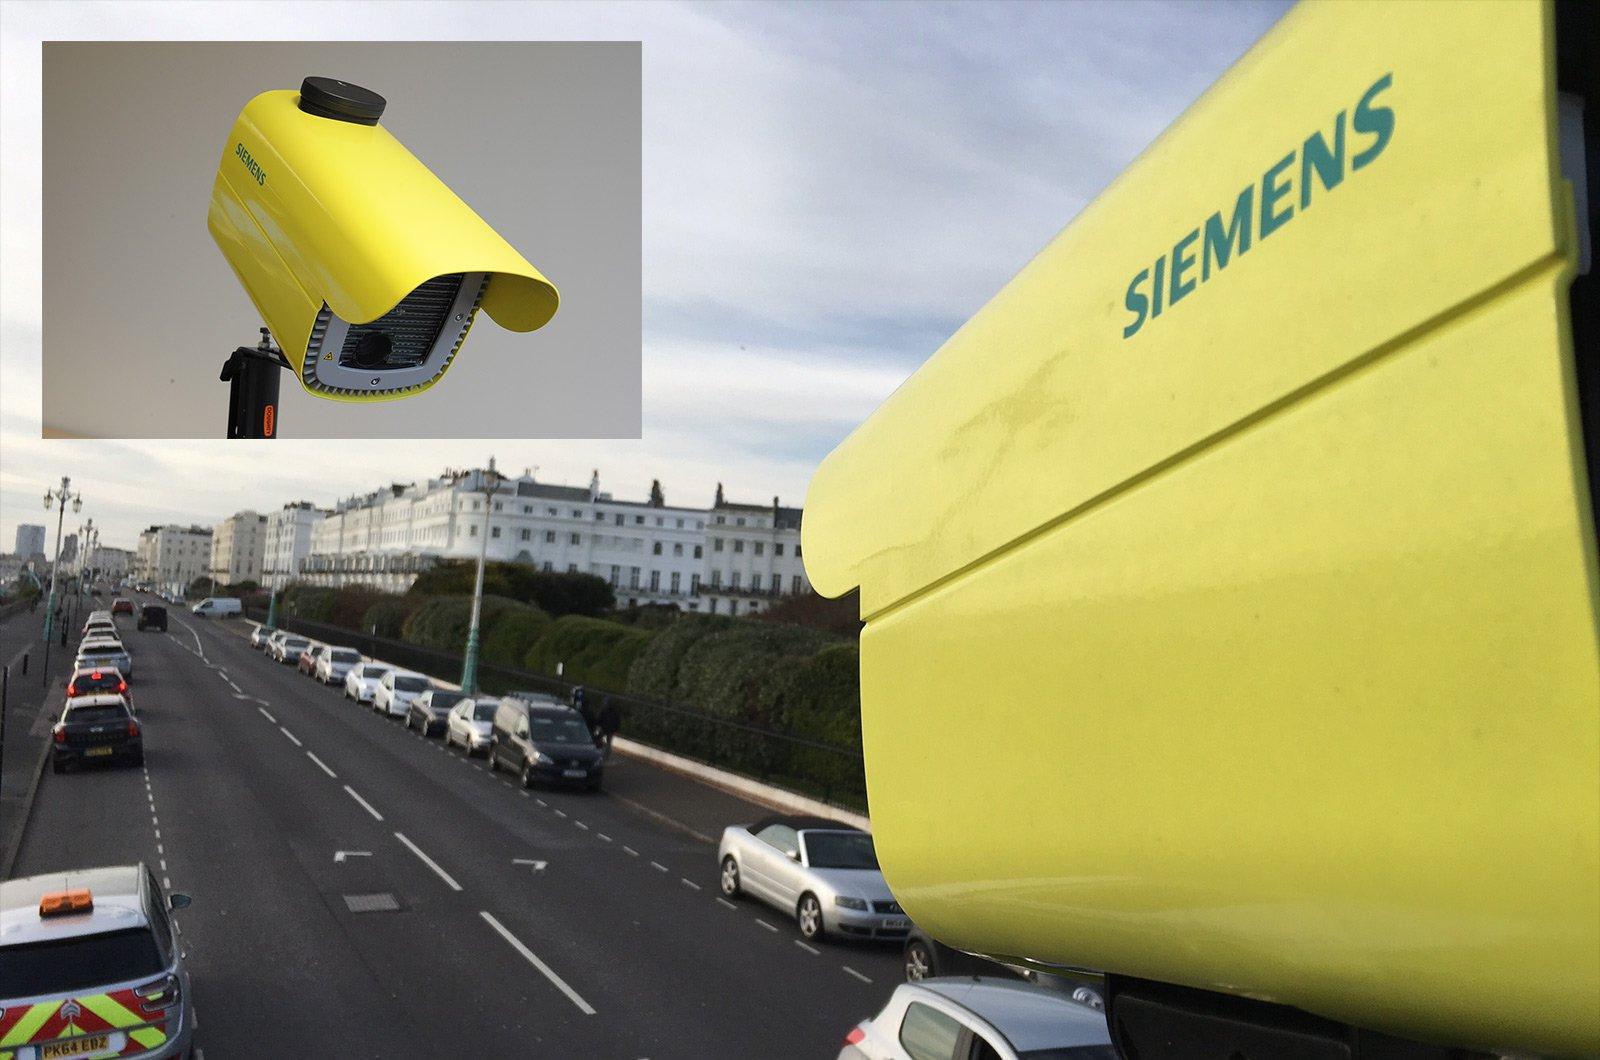 Siemens Safezone (Siemens)